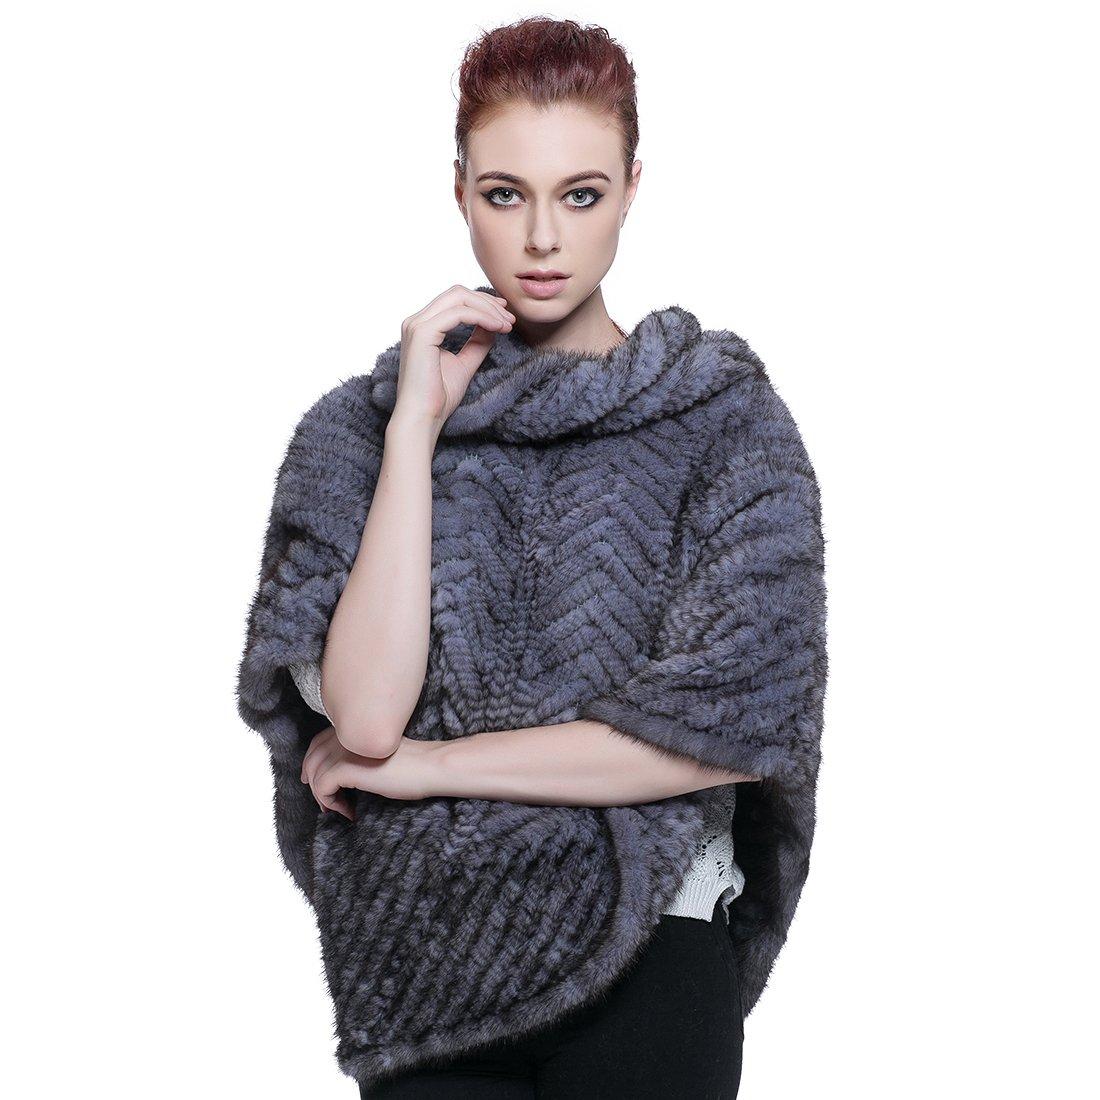 URSFUR Women's Winter Mink Fur Knit Stunning Cape Shawl by URSFUR